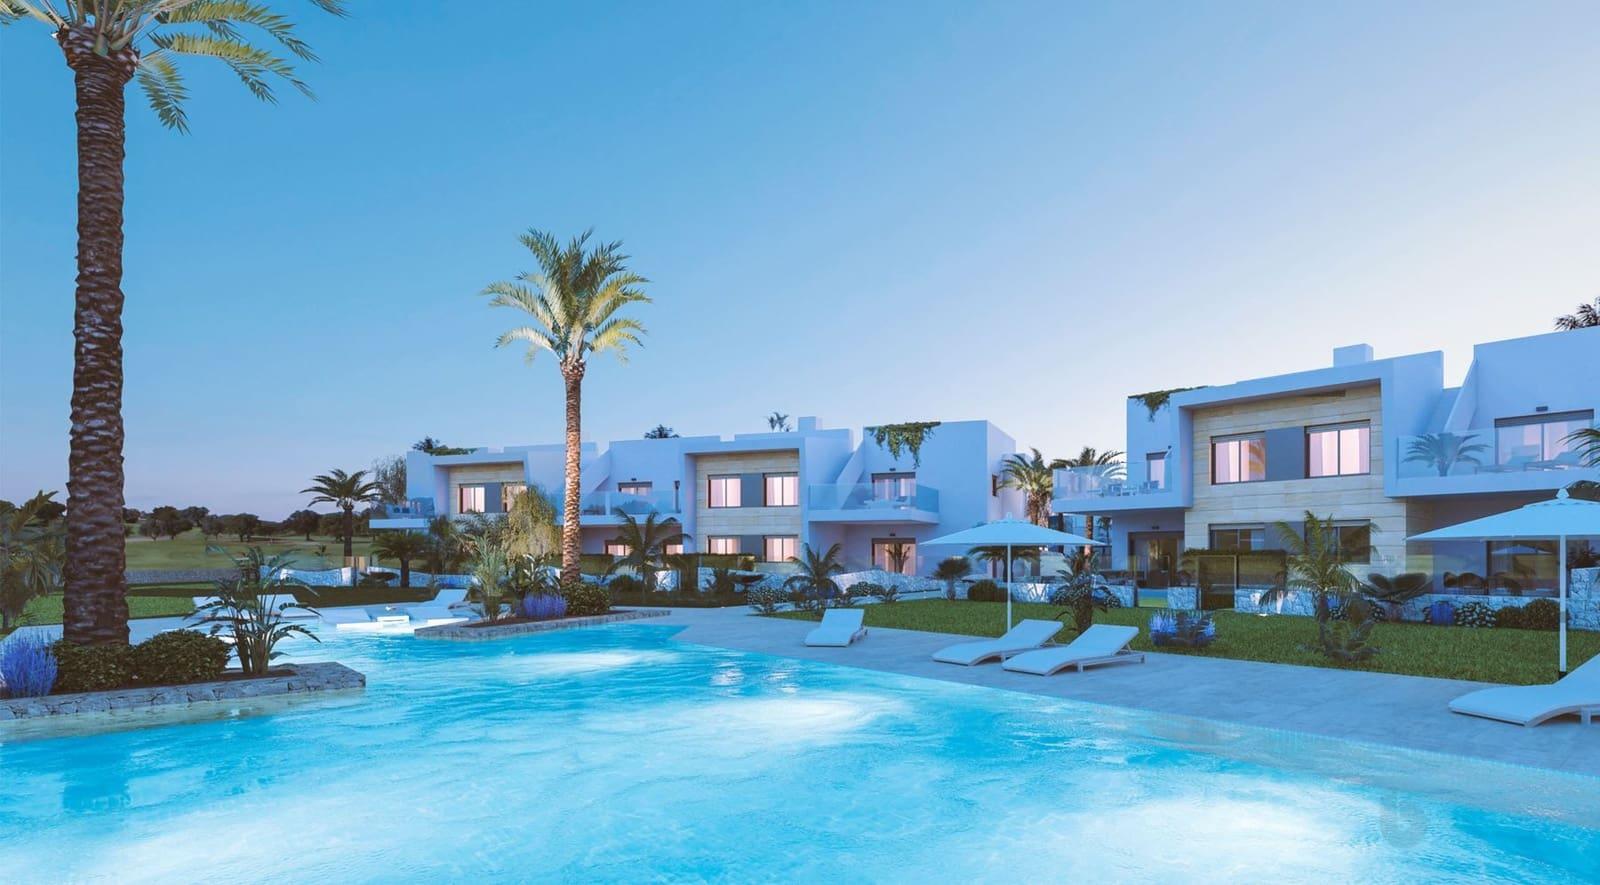 Apartamento de 2 habitaciones en Pilar de la Horadada en venta con piscina - 158.900 € (Ref: 5004069)